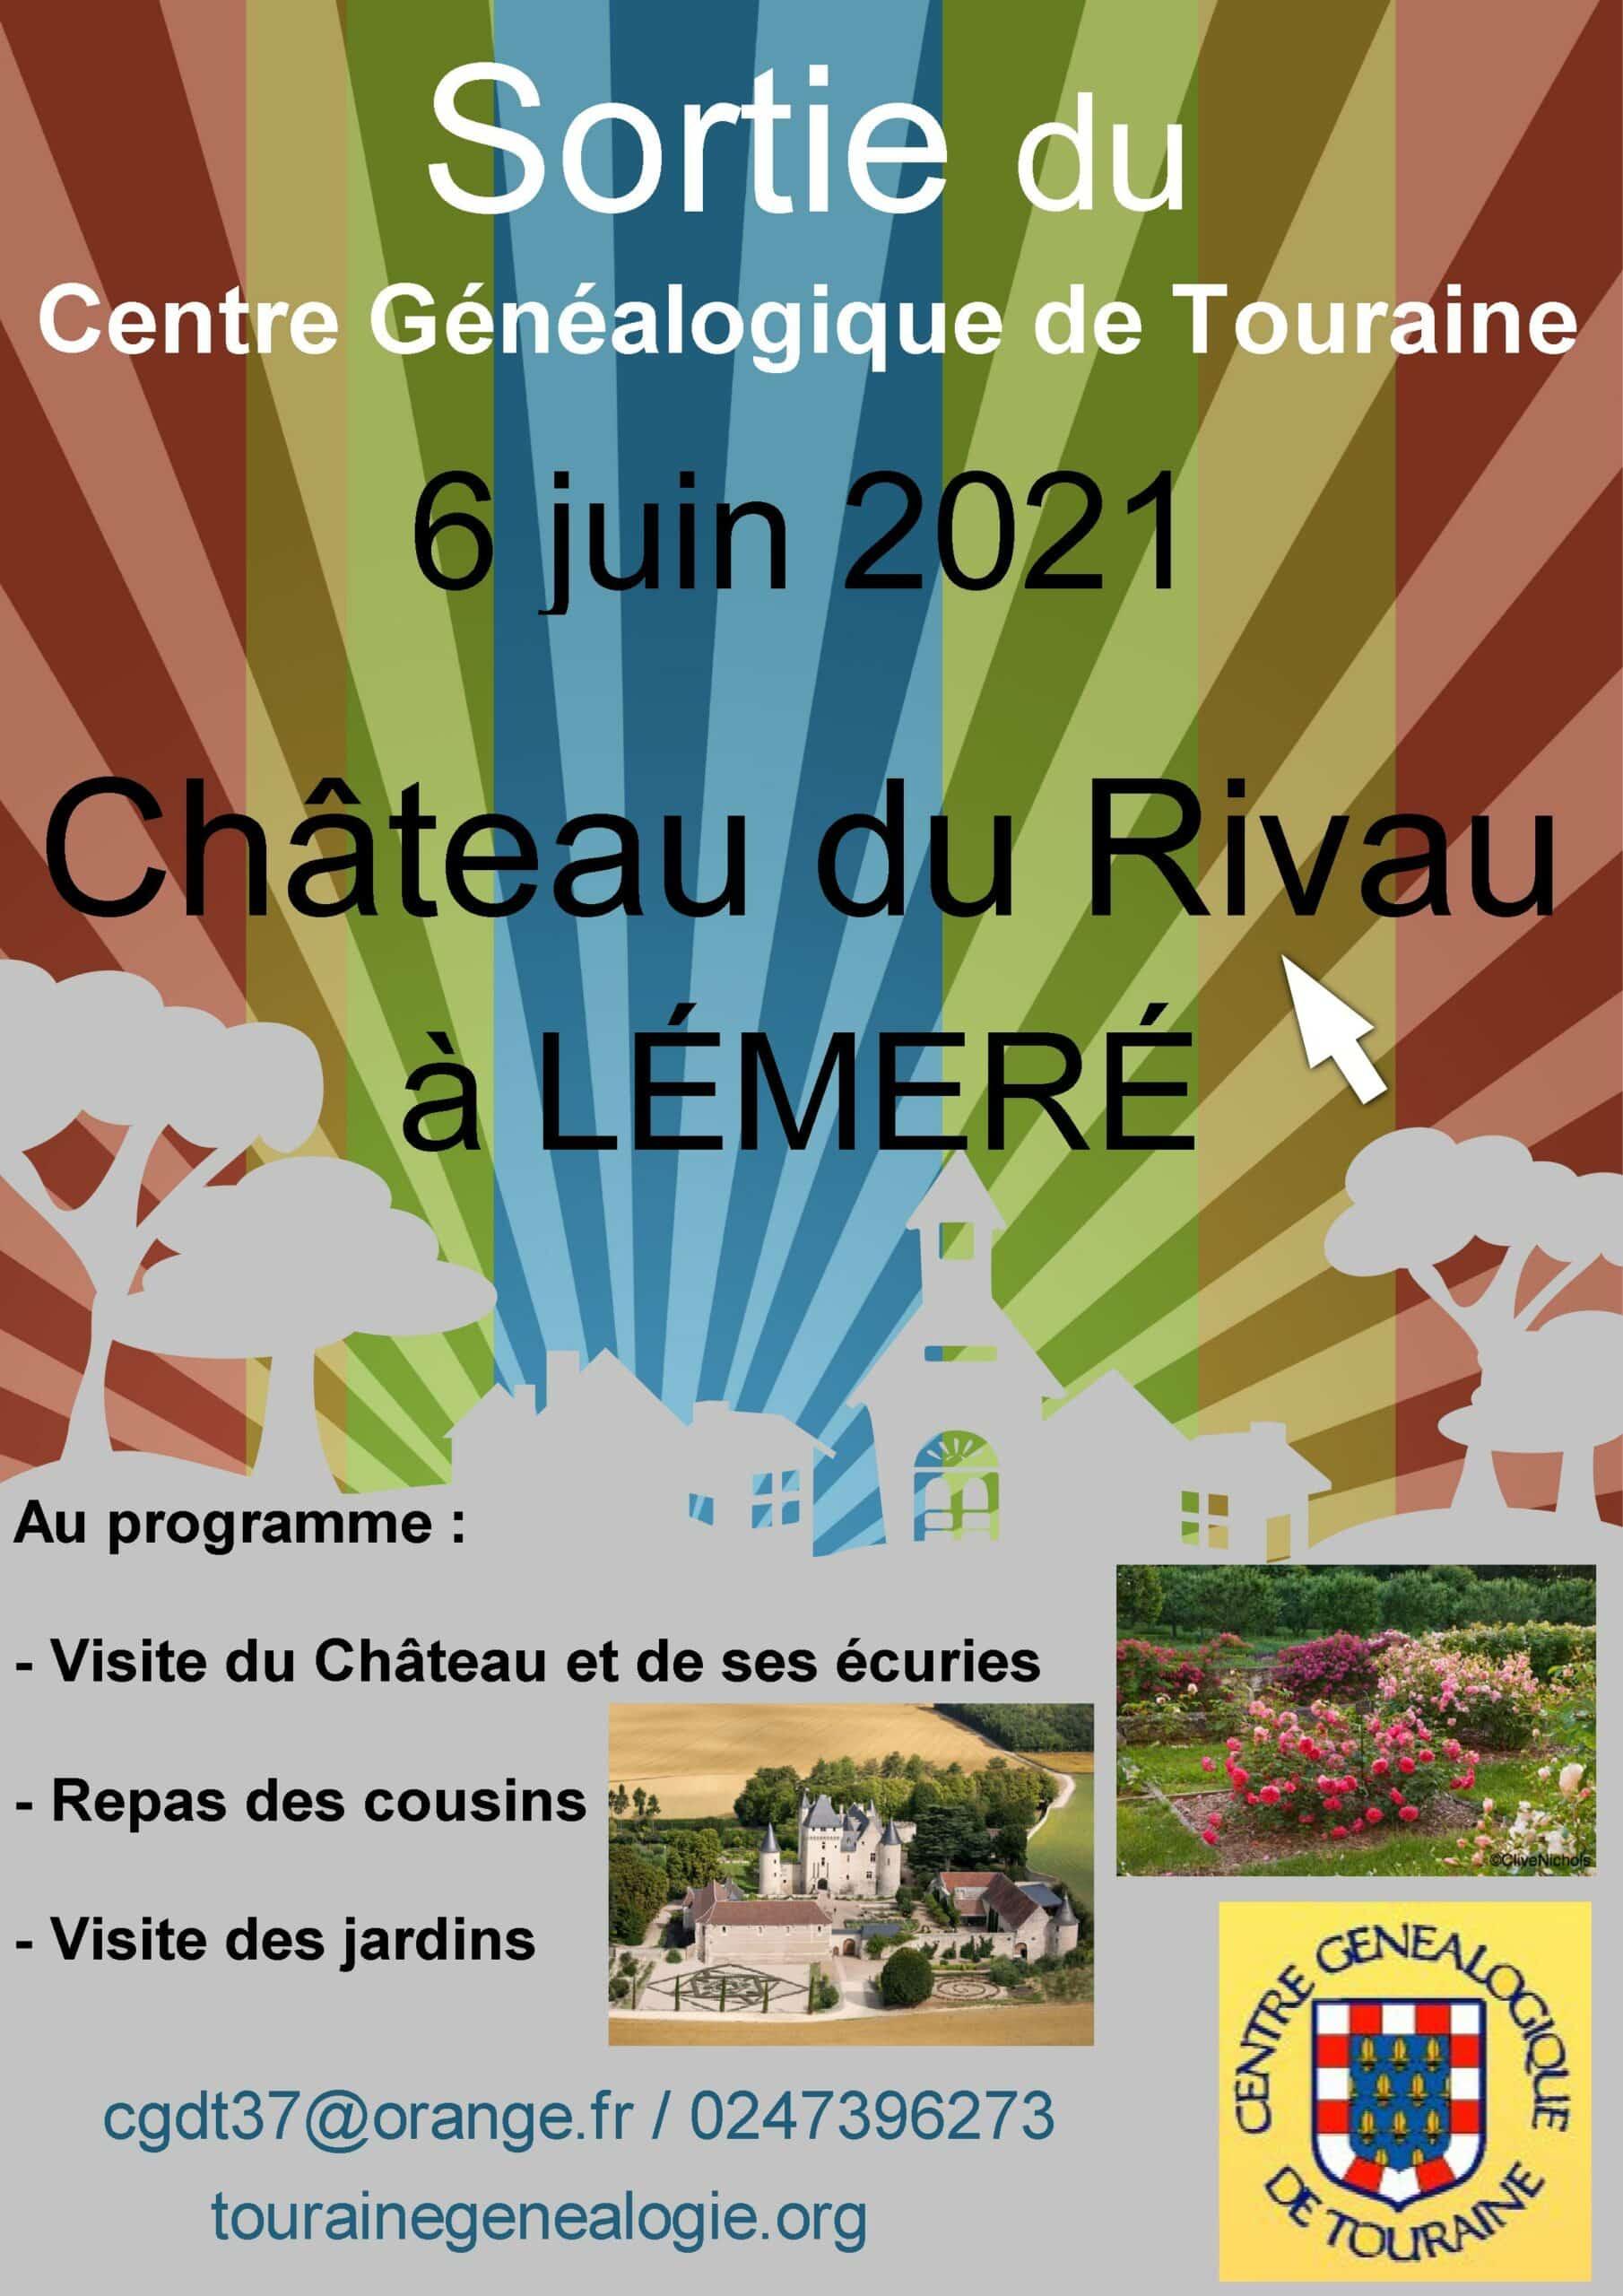 6 juin 2021 - Sortie annuelle - Château du Rivau